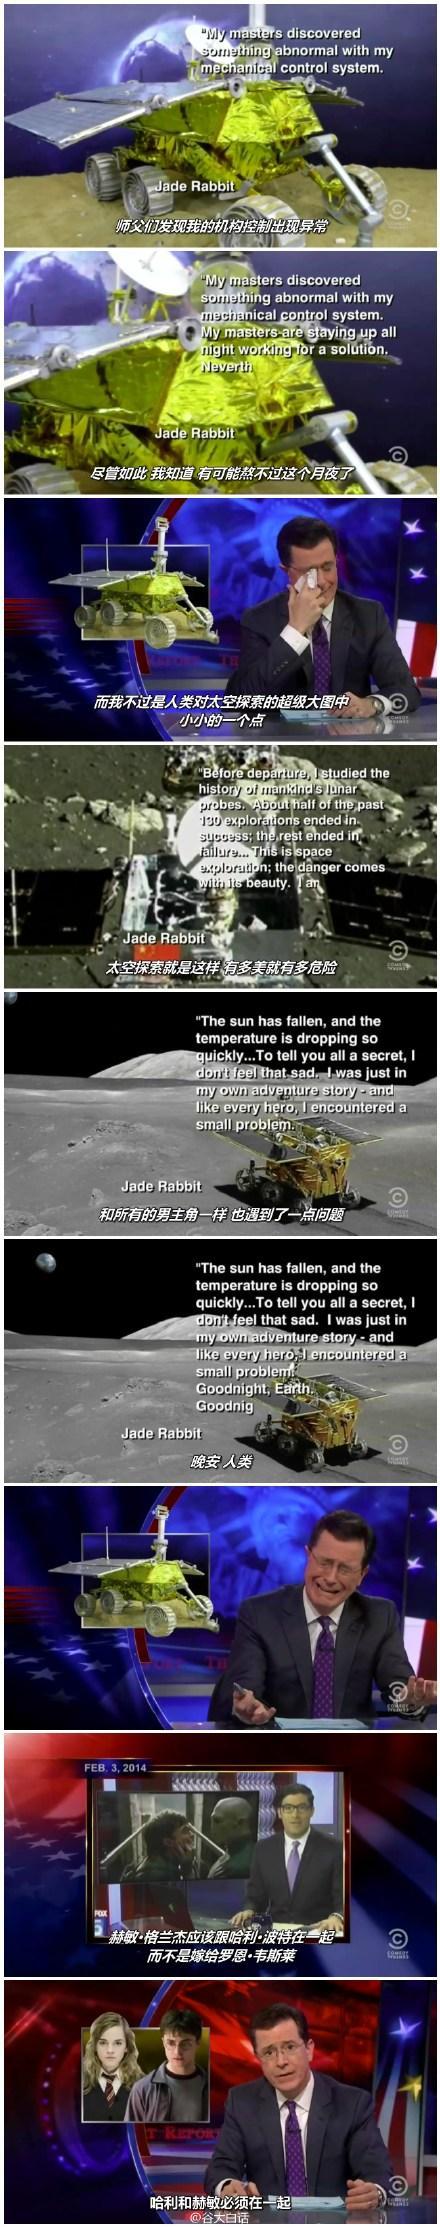 扣扣熊报告 2014.02.03 中国月球车玉兔发表虐心告别语